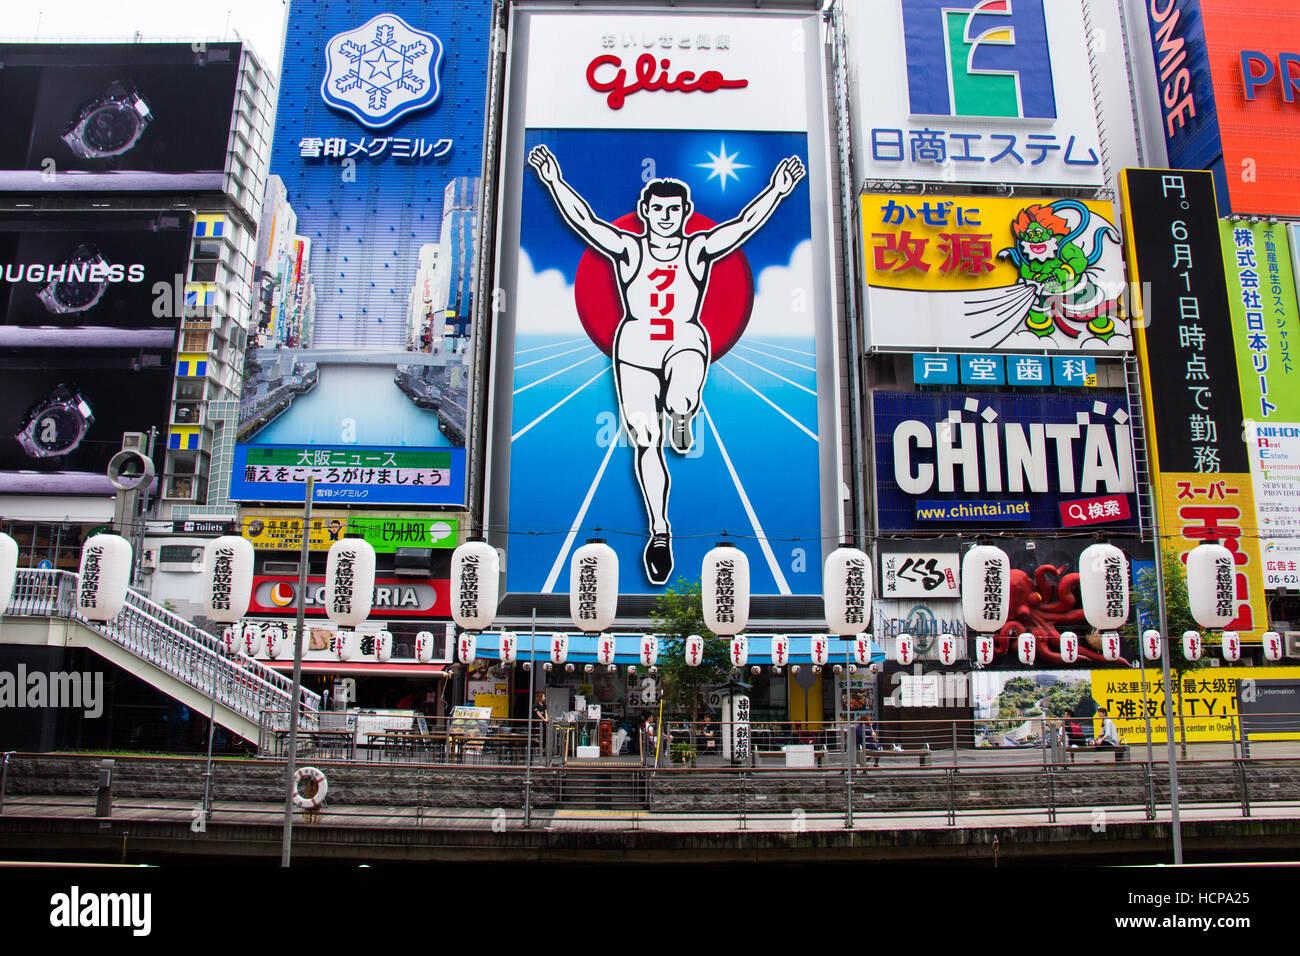 Glico uomo che corre, Osaka, Giappone Immagini Stock